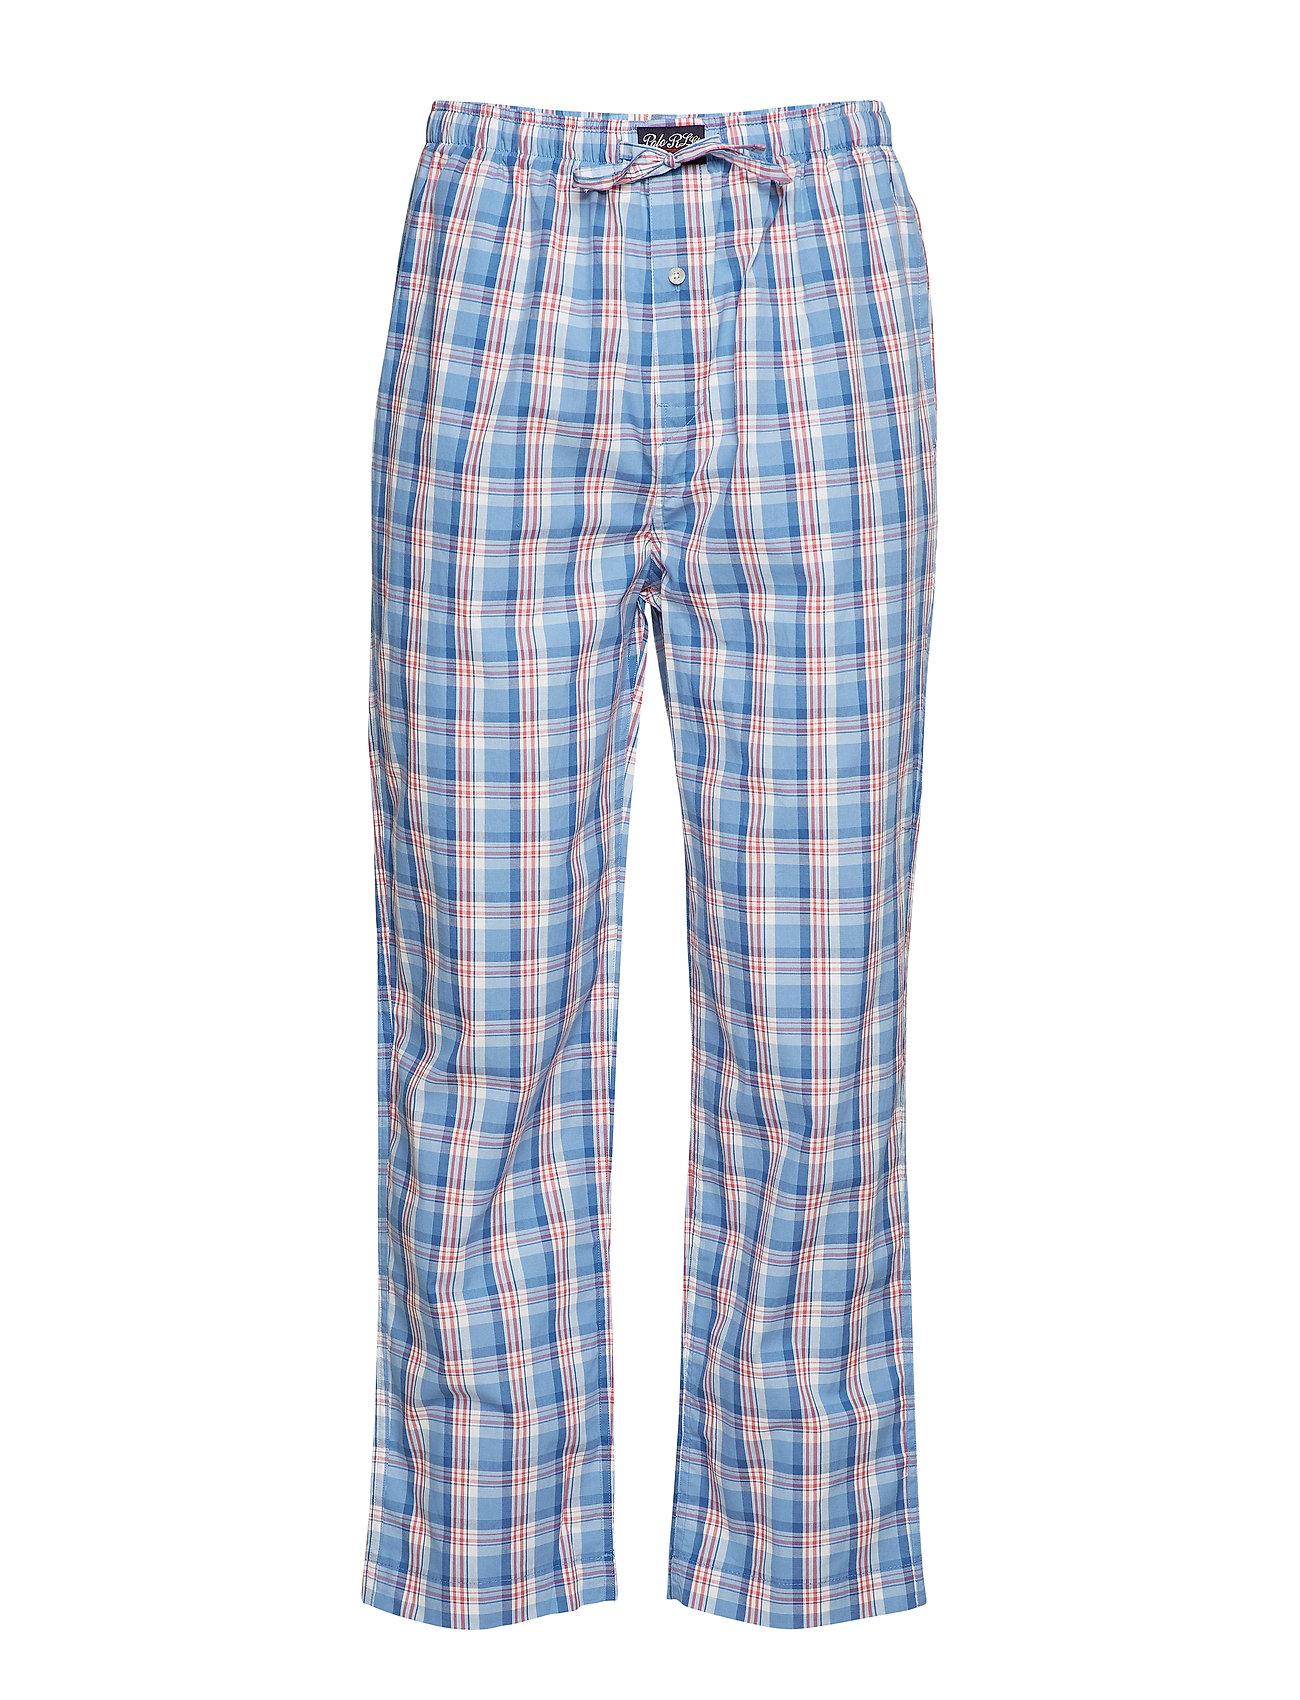 Polo Ralph Lauren Underwear COTTON-SPN-SLB